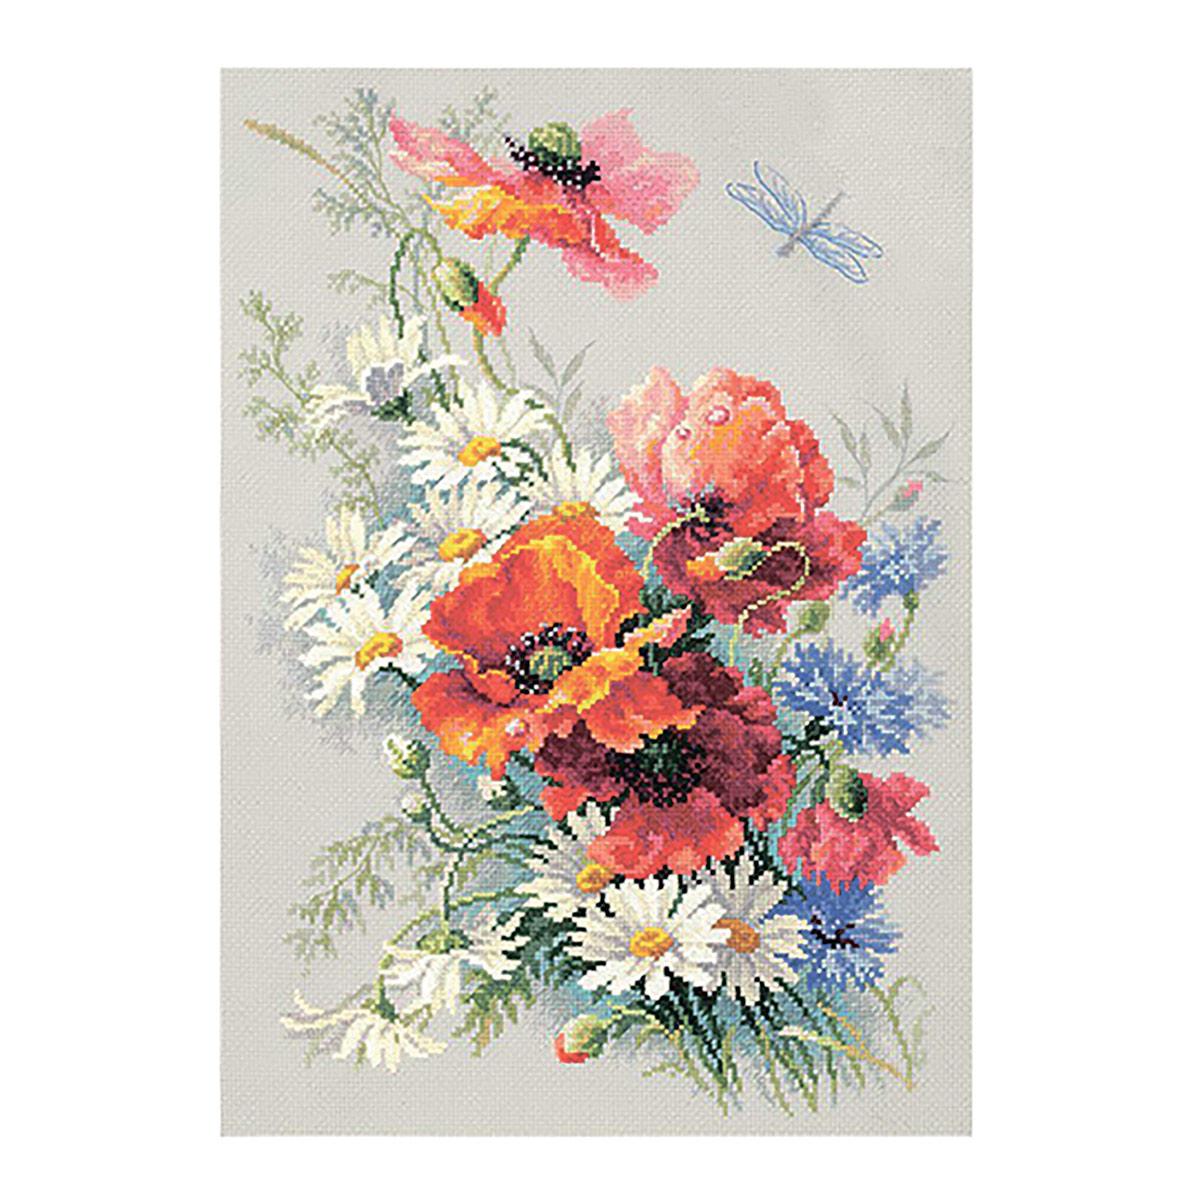 100-061 Набор для вышивания Чудесная игла 'Маки и ромашки'28*39см